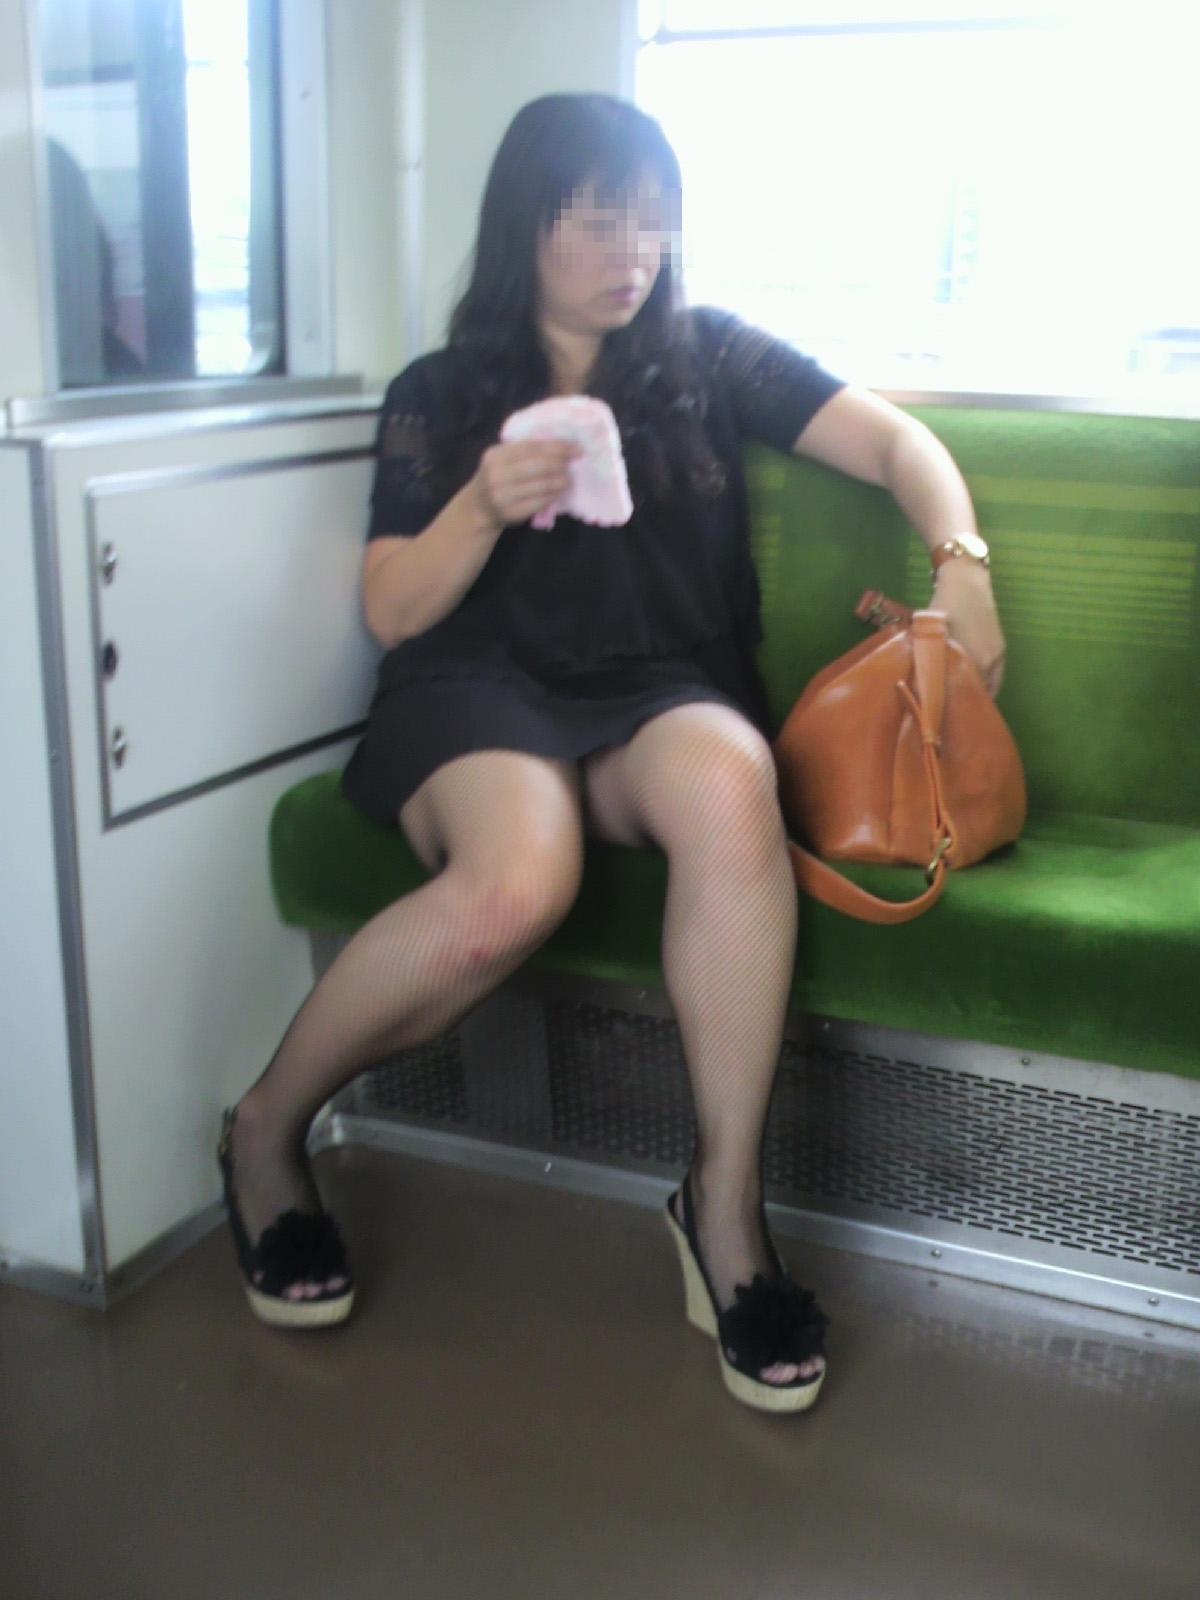 【電車内盗撮画像】真向かいに座った短いスカートの奥をこっそり覗き見www 12